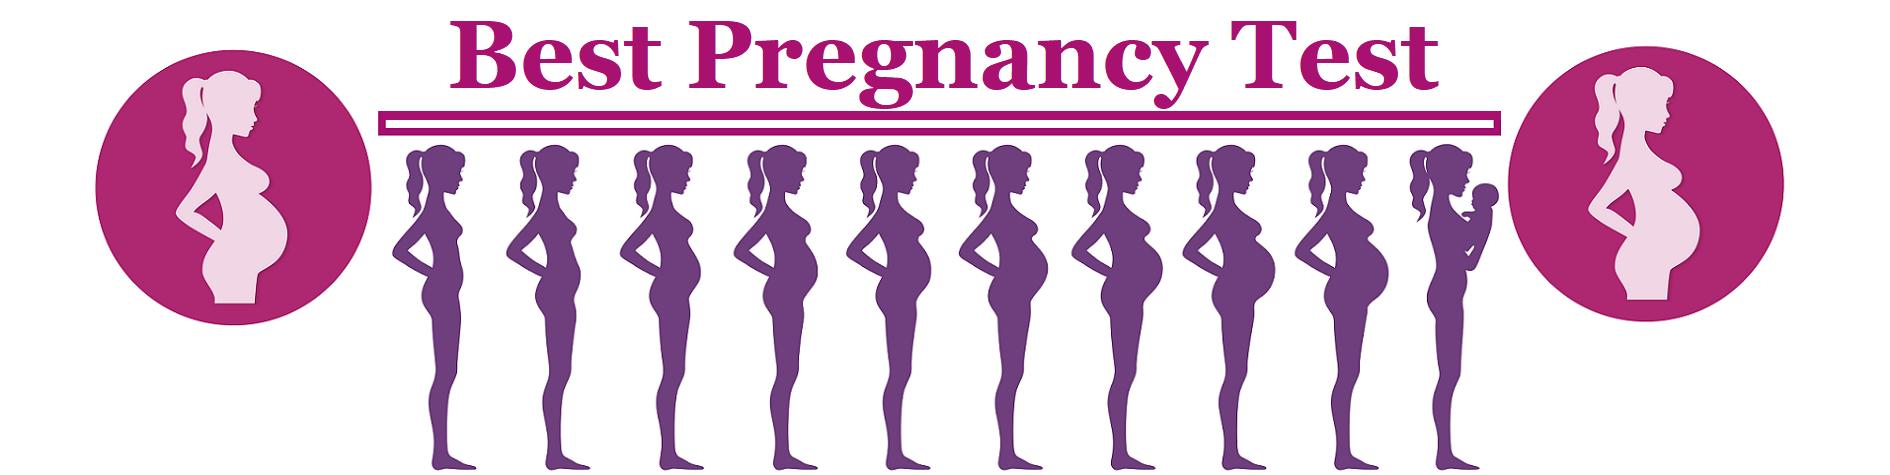 Best Pregnancy Test